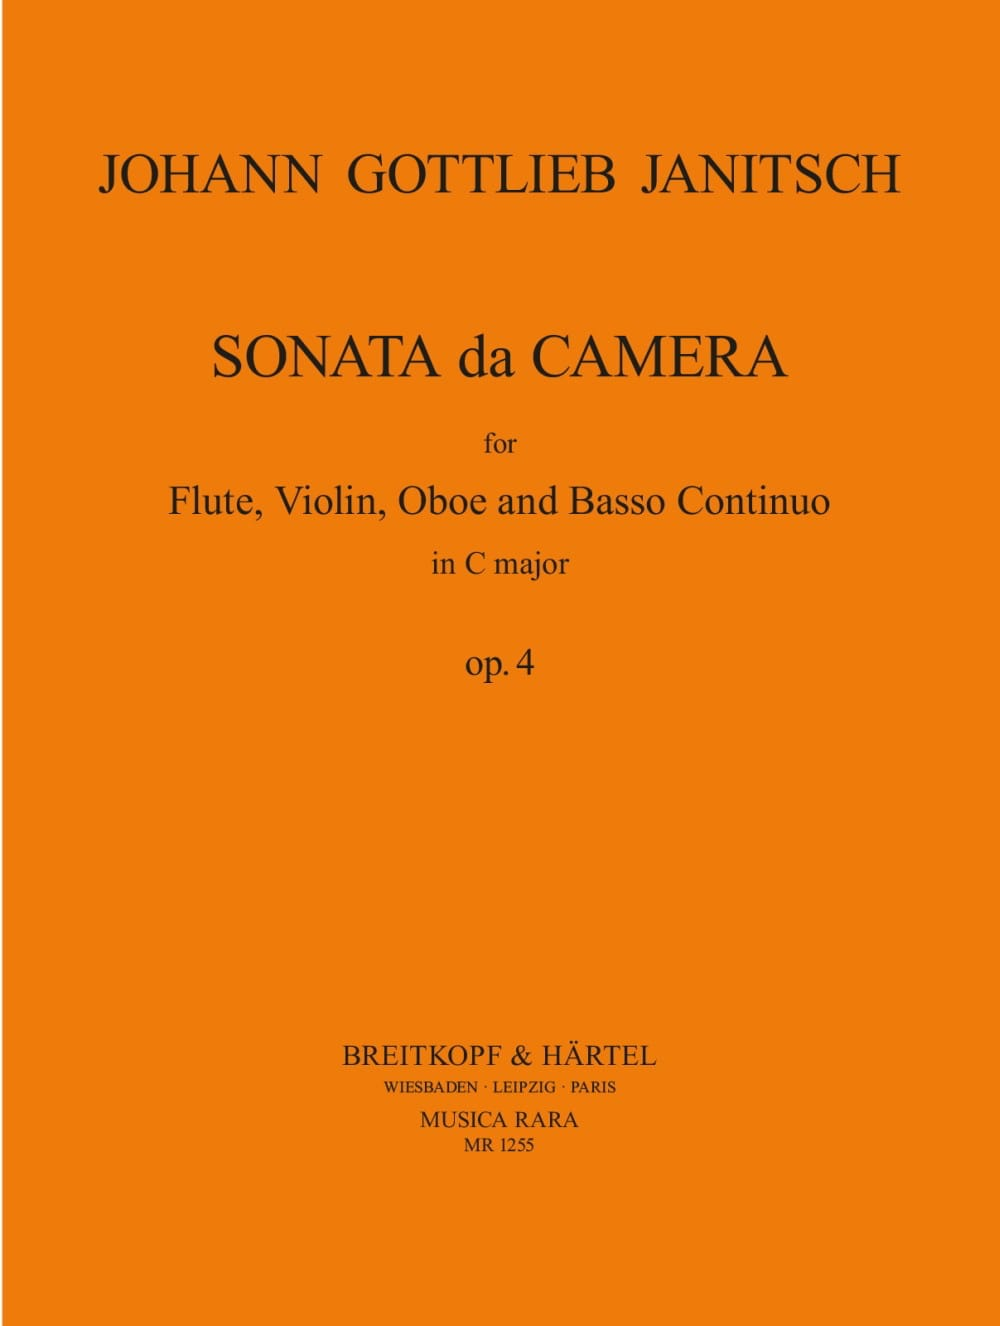 Sonata da camera in C op. 4 -Flute violin oboe BC - laflutedepan.com